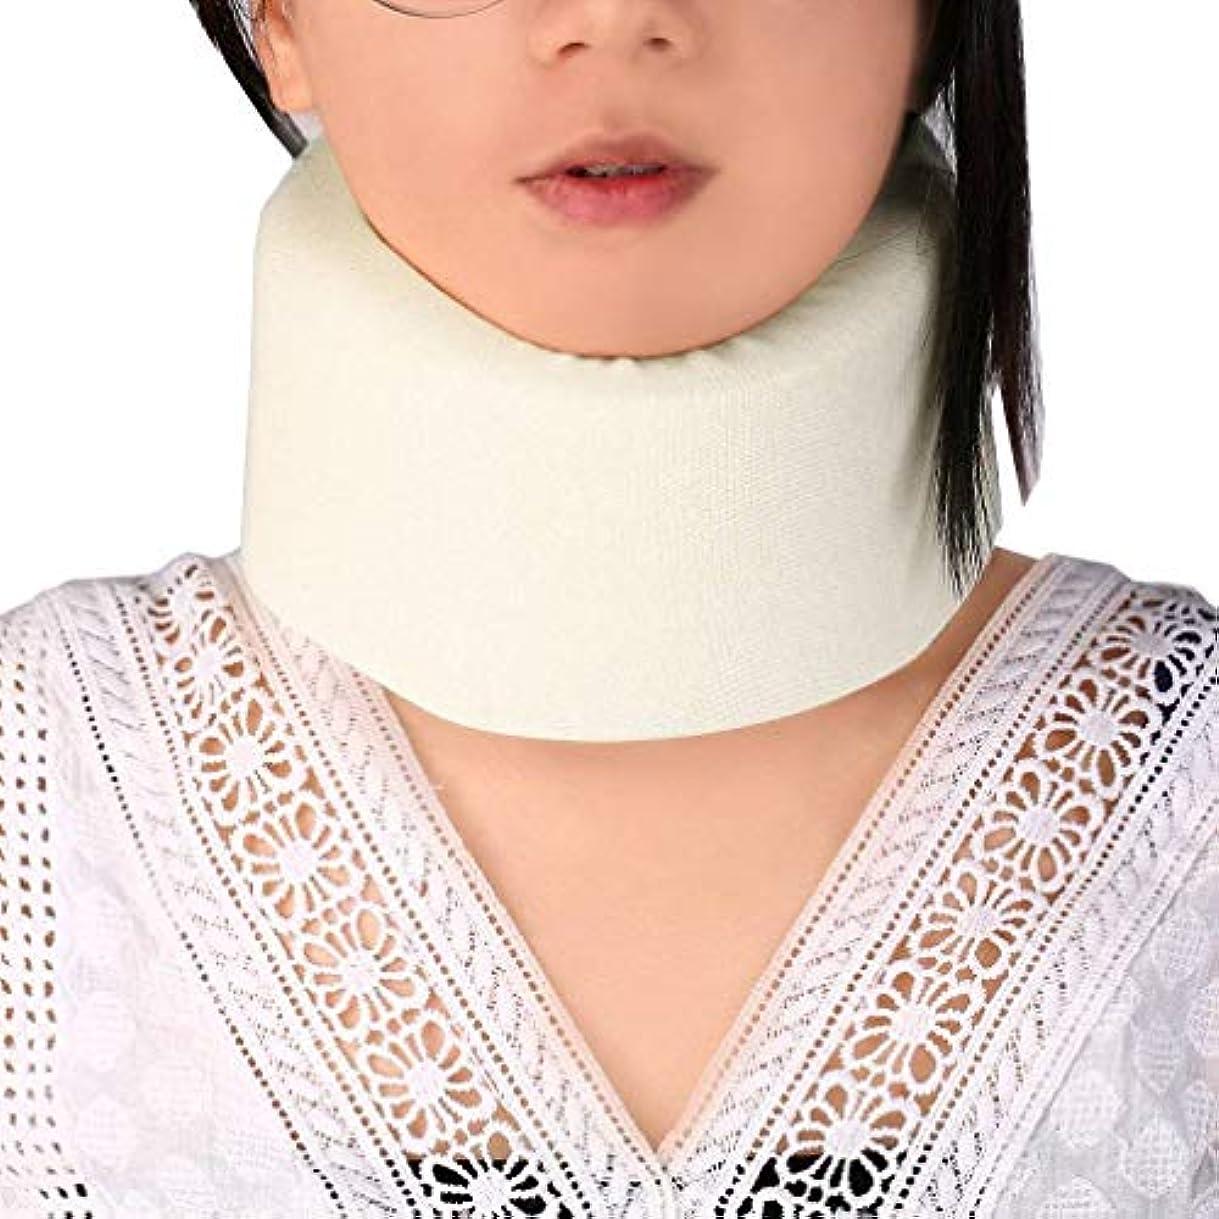 配列前売知性Oral Dentistry 首 サポーター ソフト 頸椎 首こり ソフト頸椎カラー 肩の痛みの軽減 着脱 簡単 男女兼用 ホワイト